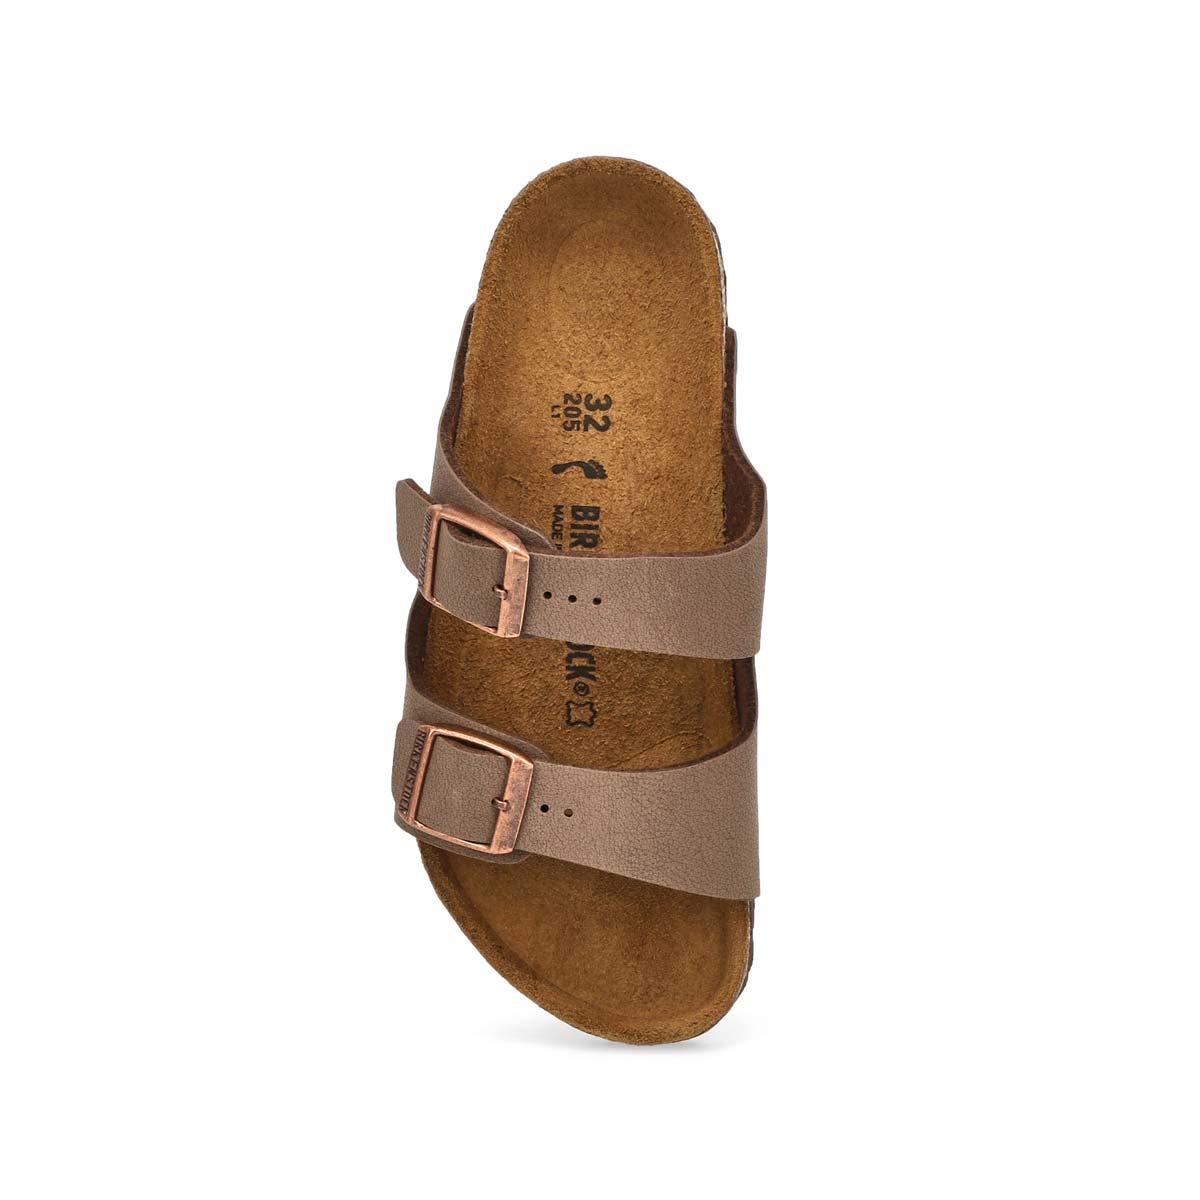 Kds Arizona BF mocha 2 strap sandal-N